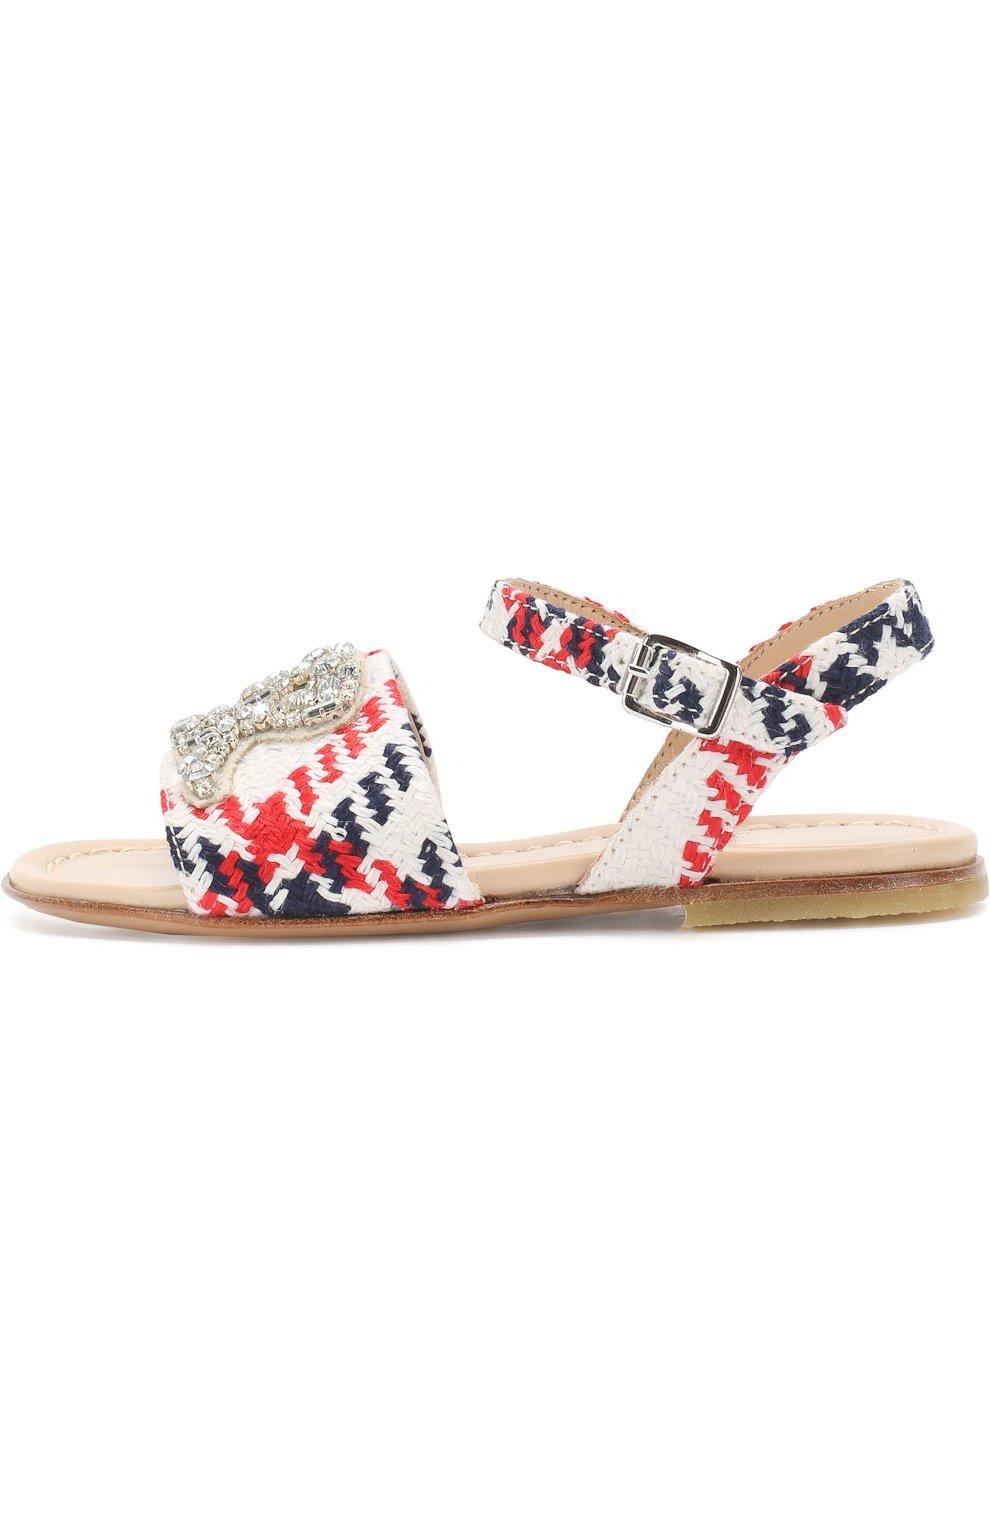 Текстильные сандалии на ремешке с кристаллами | Фото №2